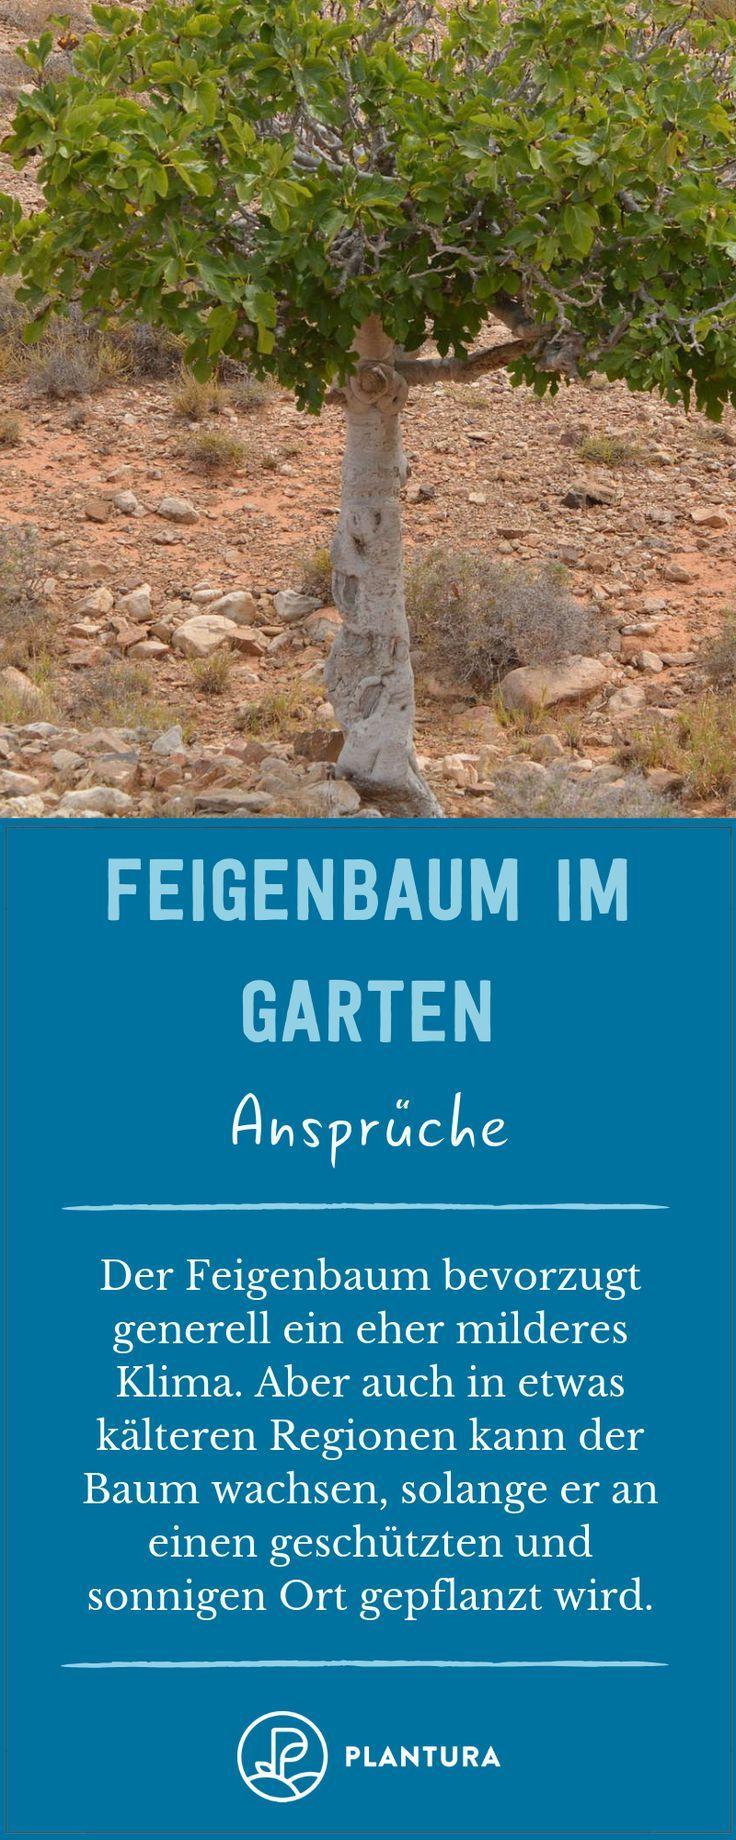 Feigenbaum Alles Was Man Zur Feige Im Garten Wissen Muss Feigenbaum Feigenbaum Pflege Feigenbaum Pflanzen